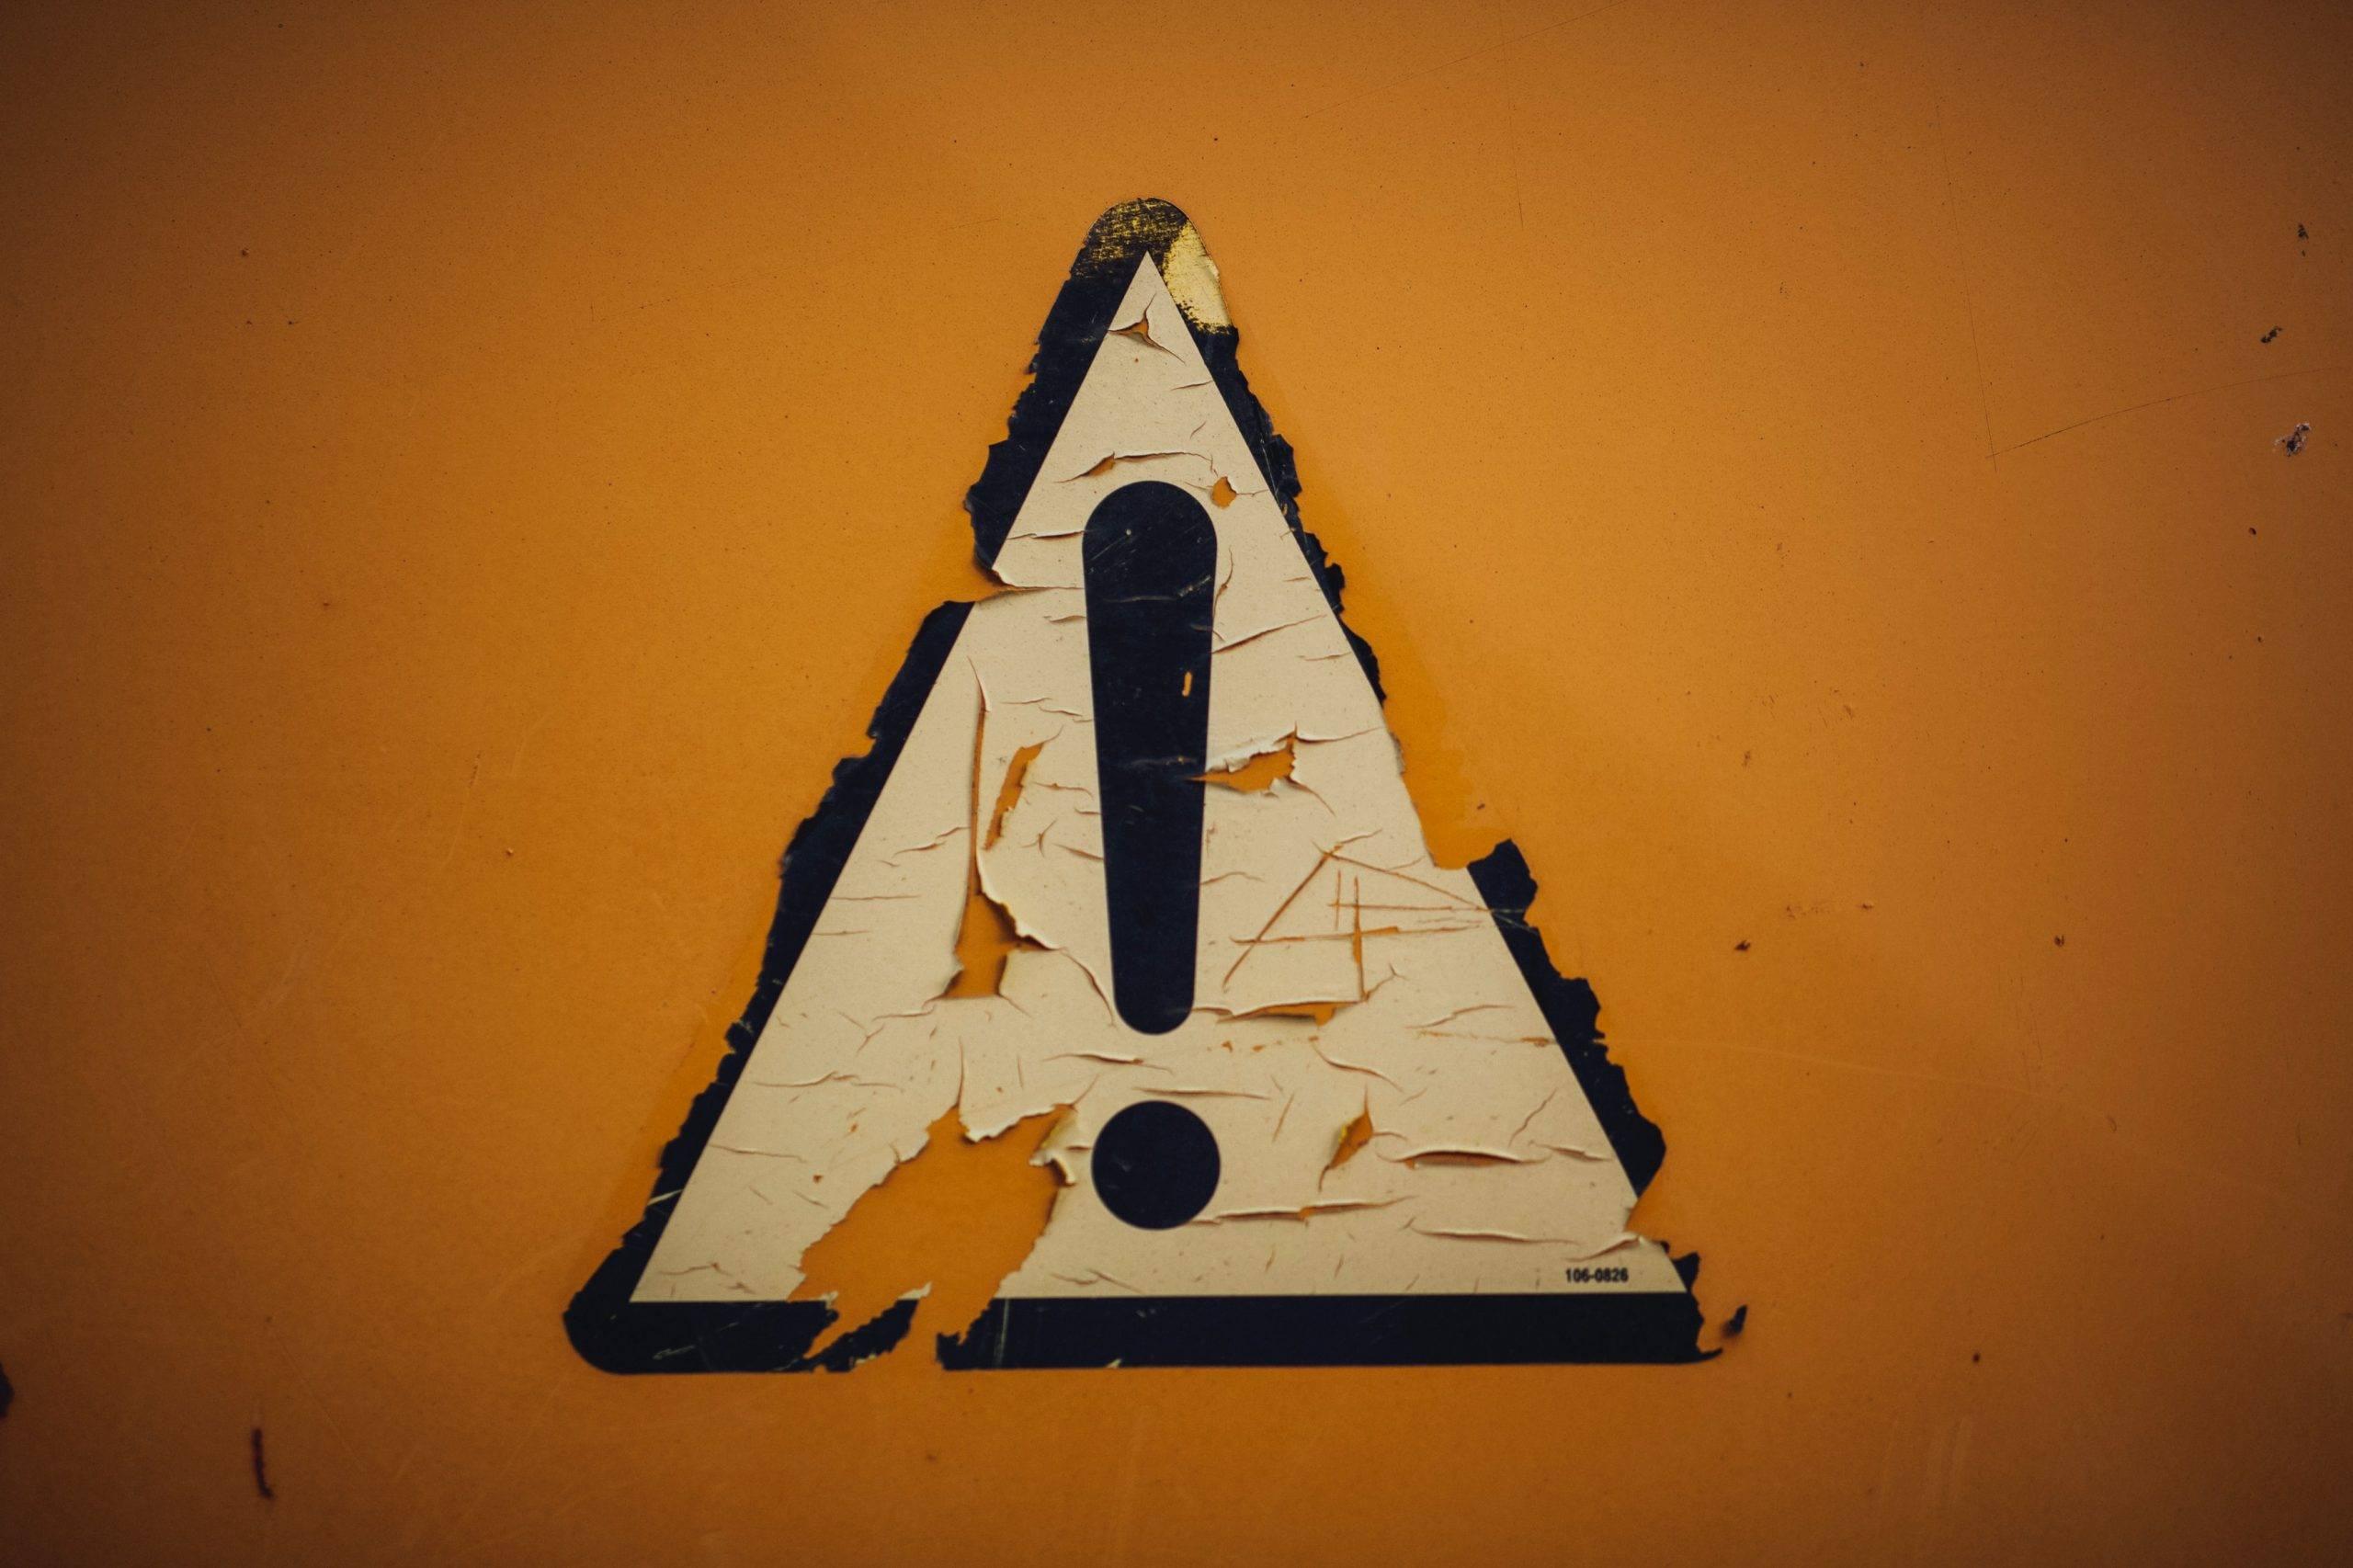 注意!充電部分から火花が出たら危険です